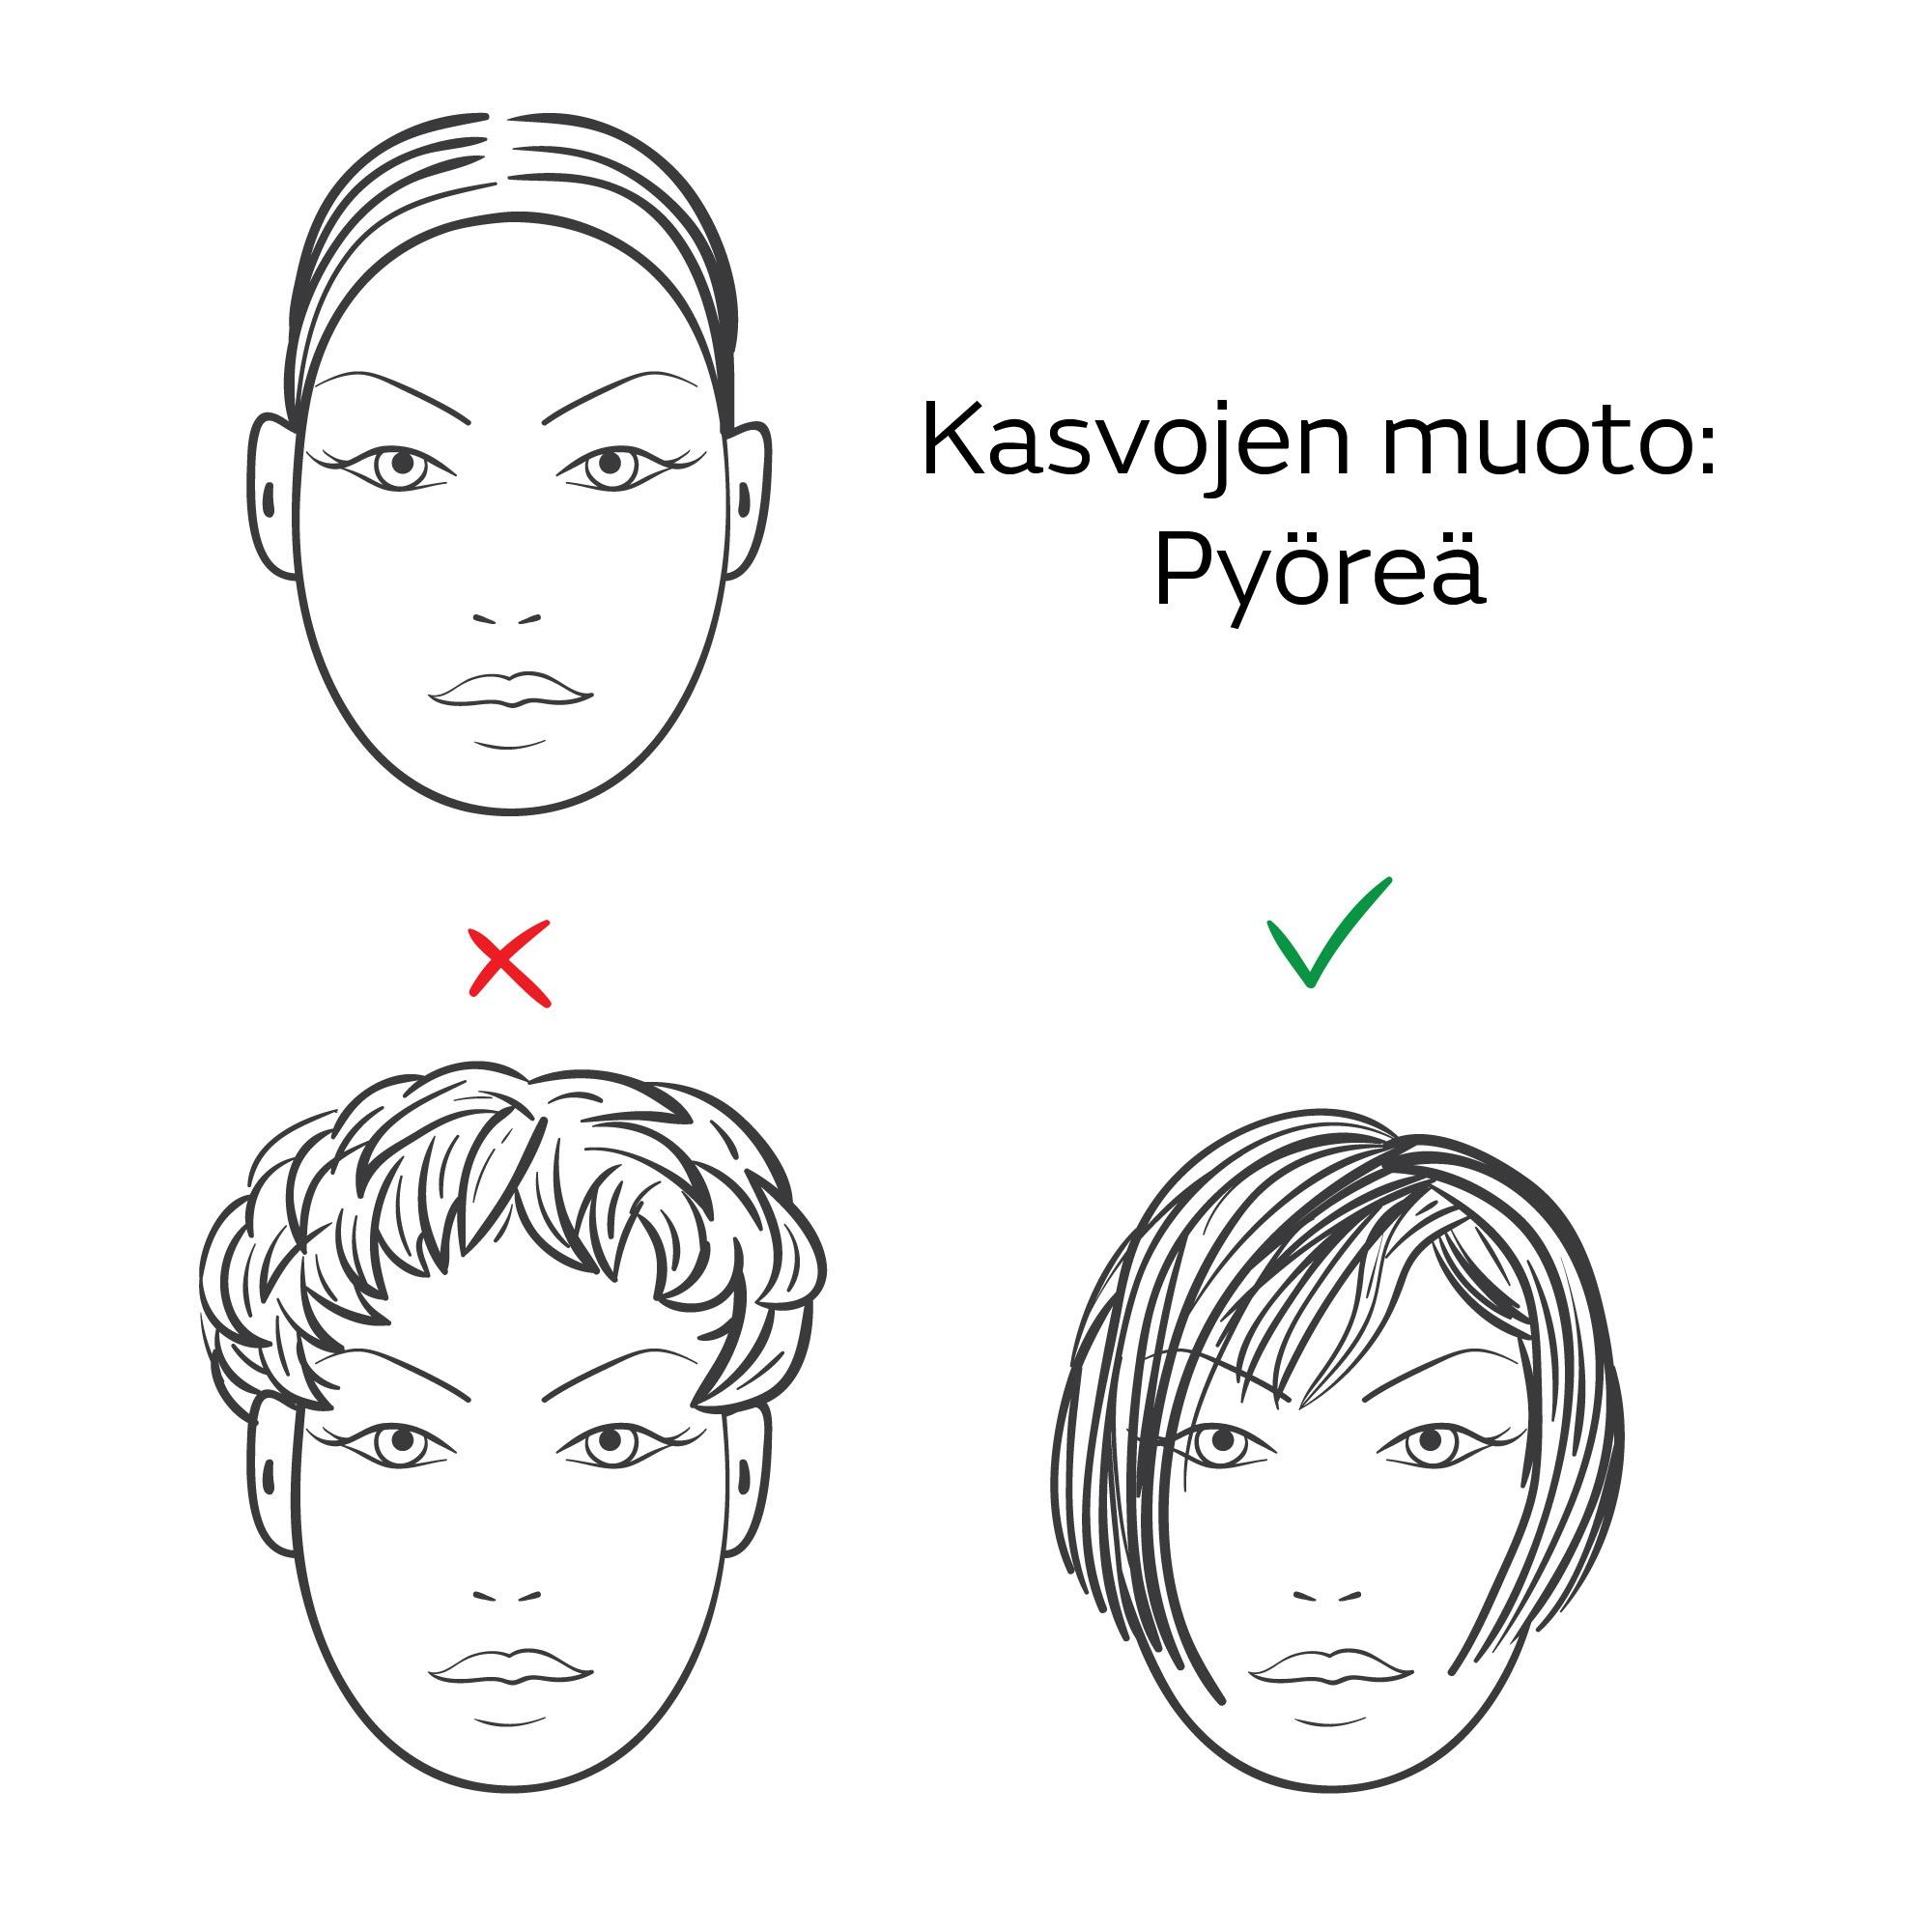 seksikäs nainen hiusmallit pyöreät kasvot